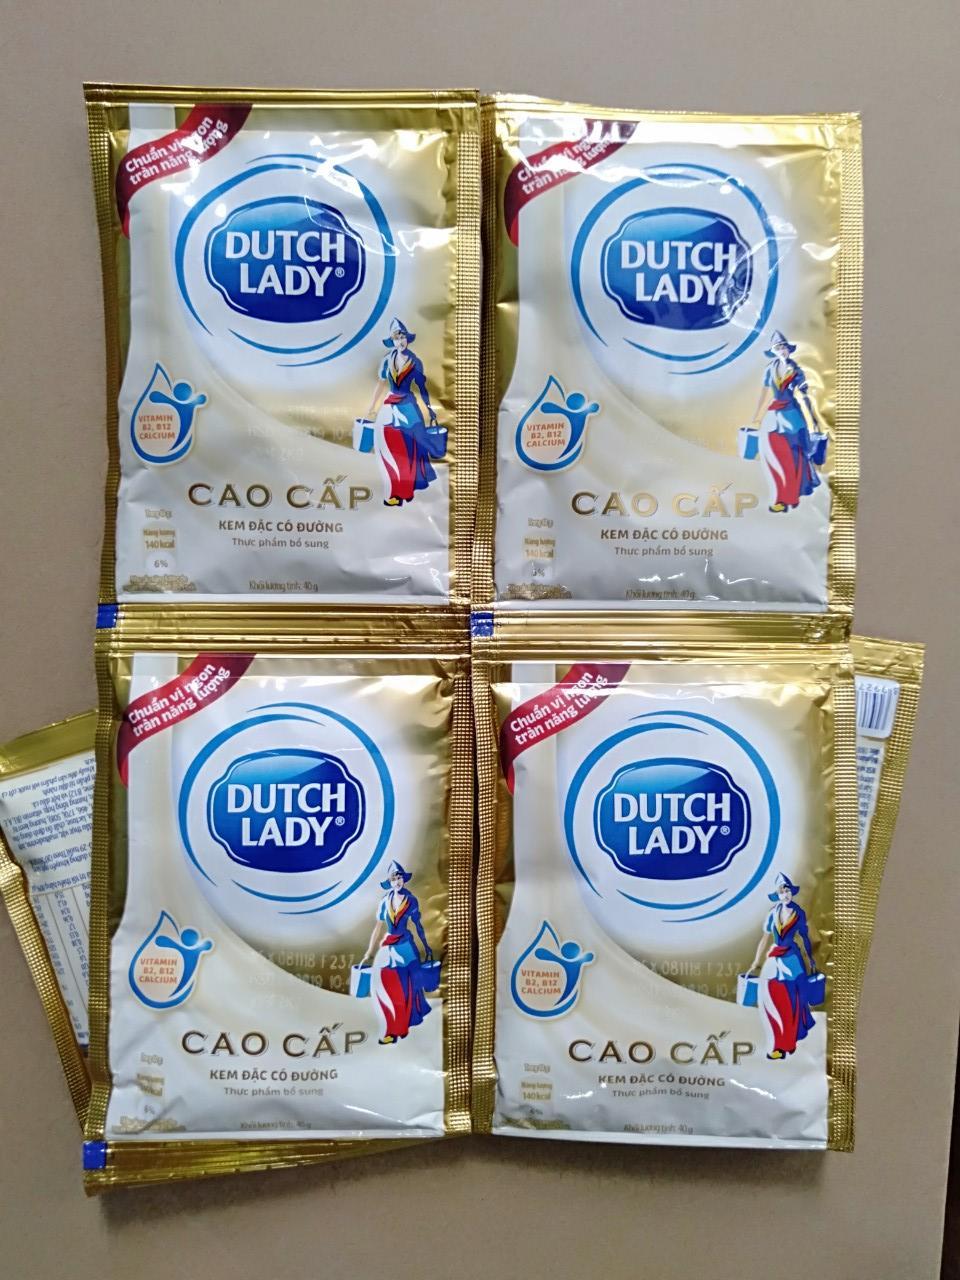 Set 10 gói sữa đặc có đường Dutch Lady 40g/gói